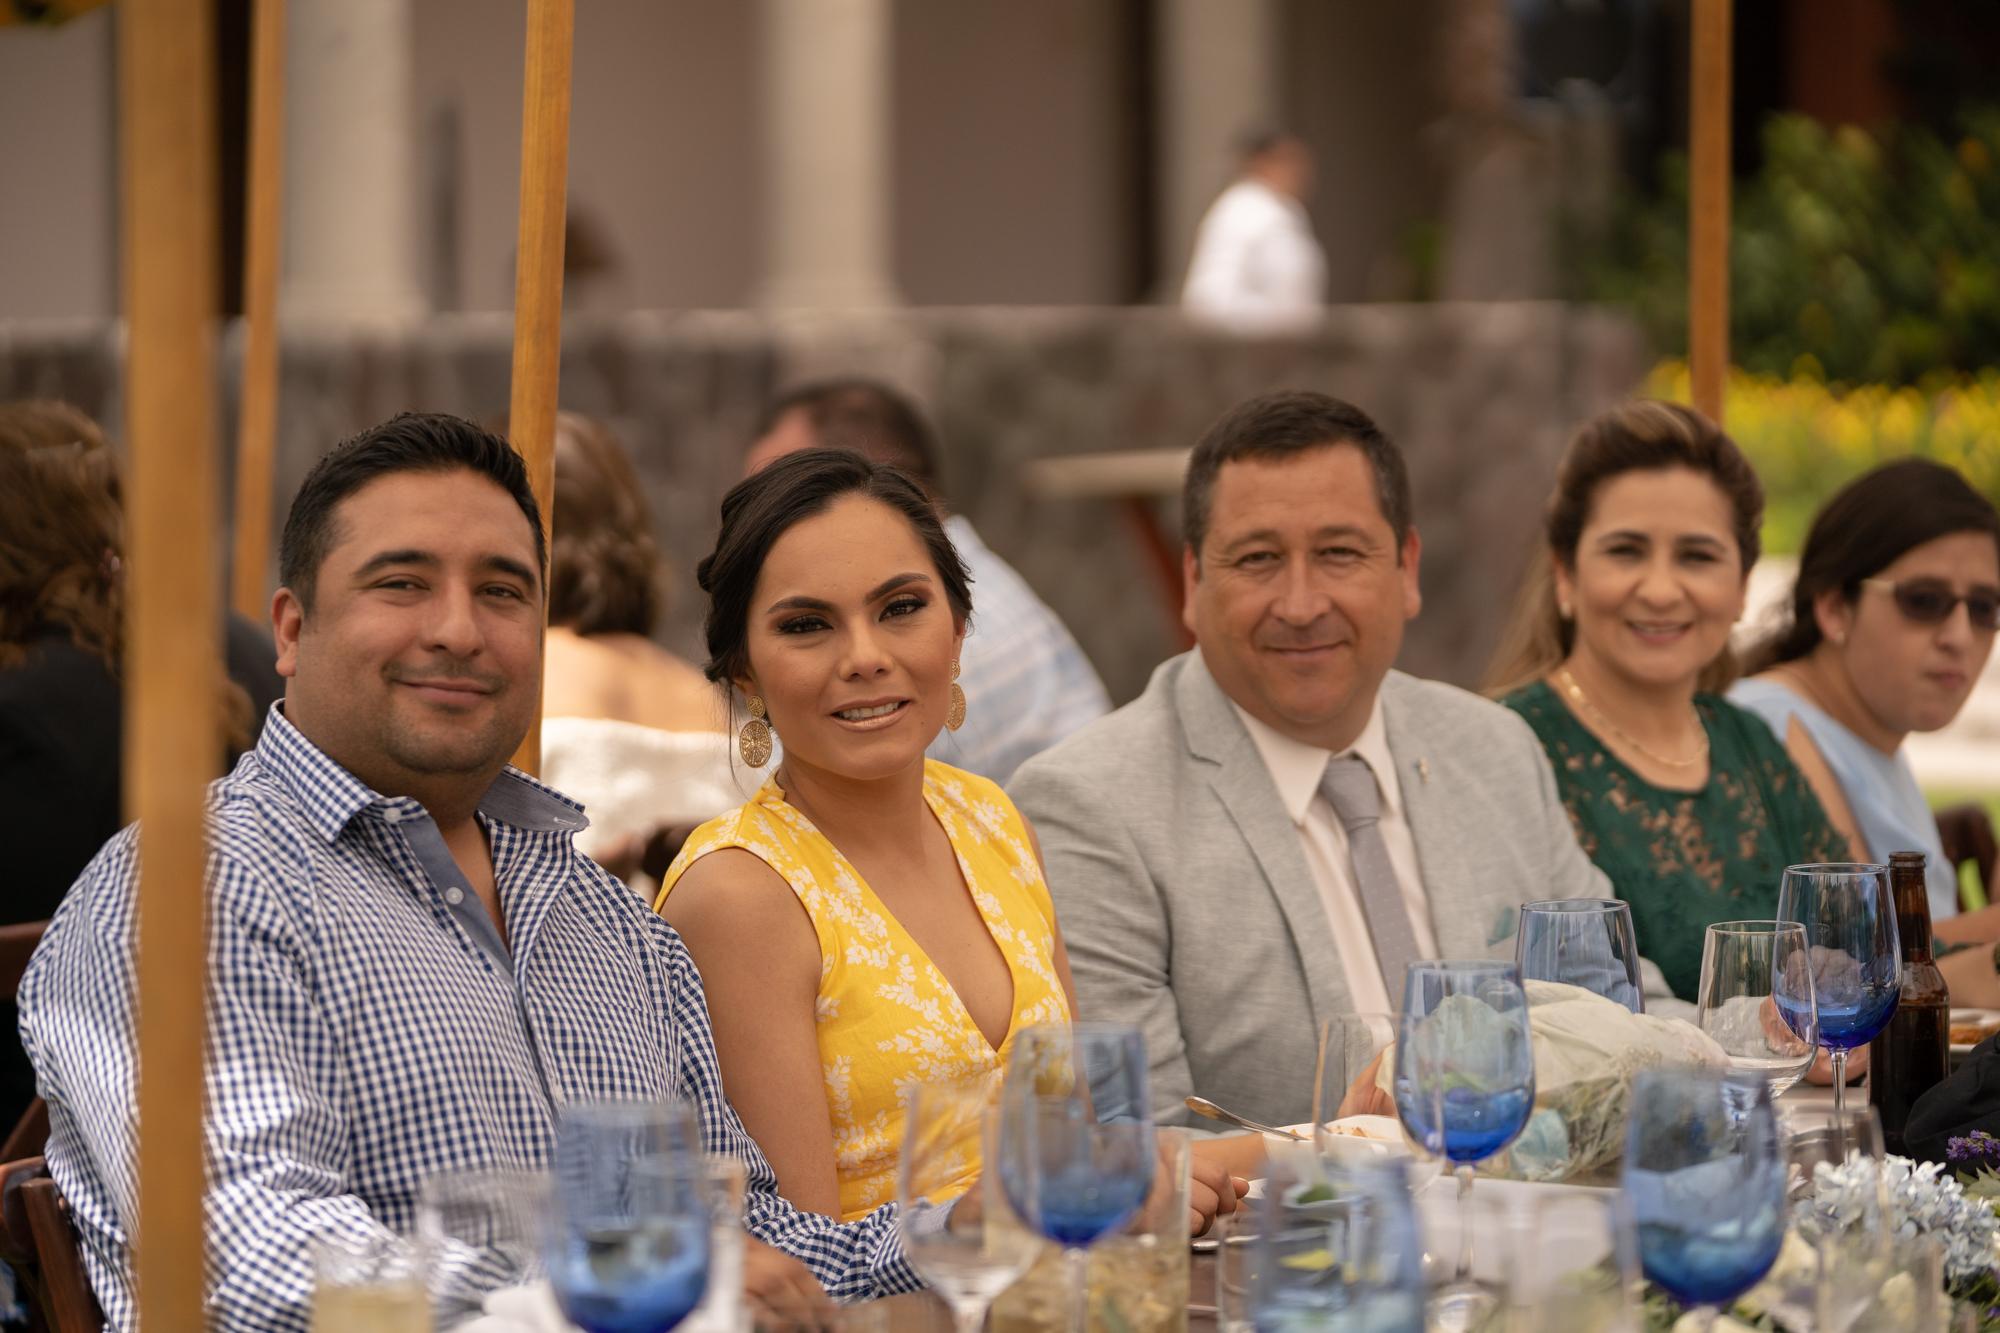 Sesion de Fotos en Rosewood San Migue de Allende del Bautizo de Alfonso-129.jpg